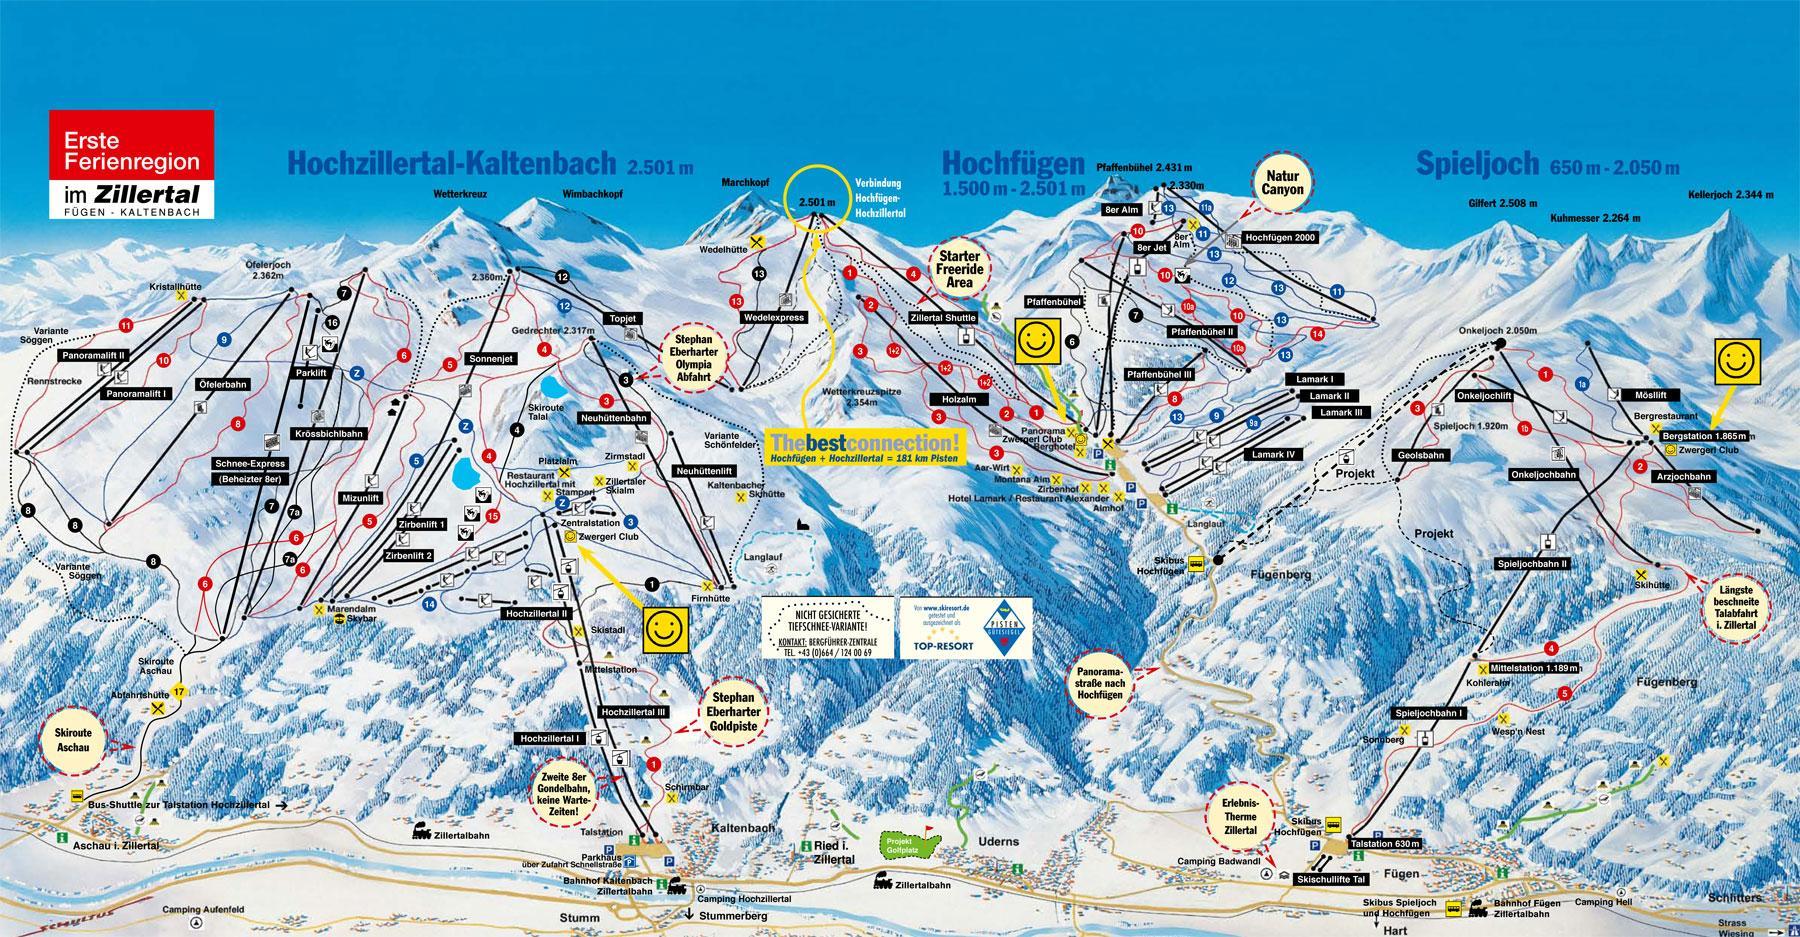 Hochzillertal Hochf 252 Gen Piste Map J2ski